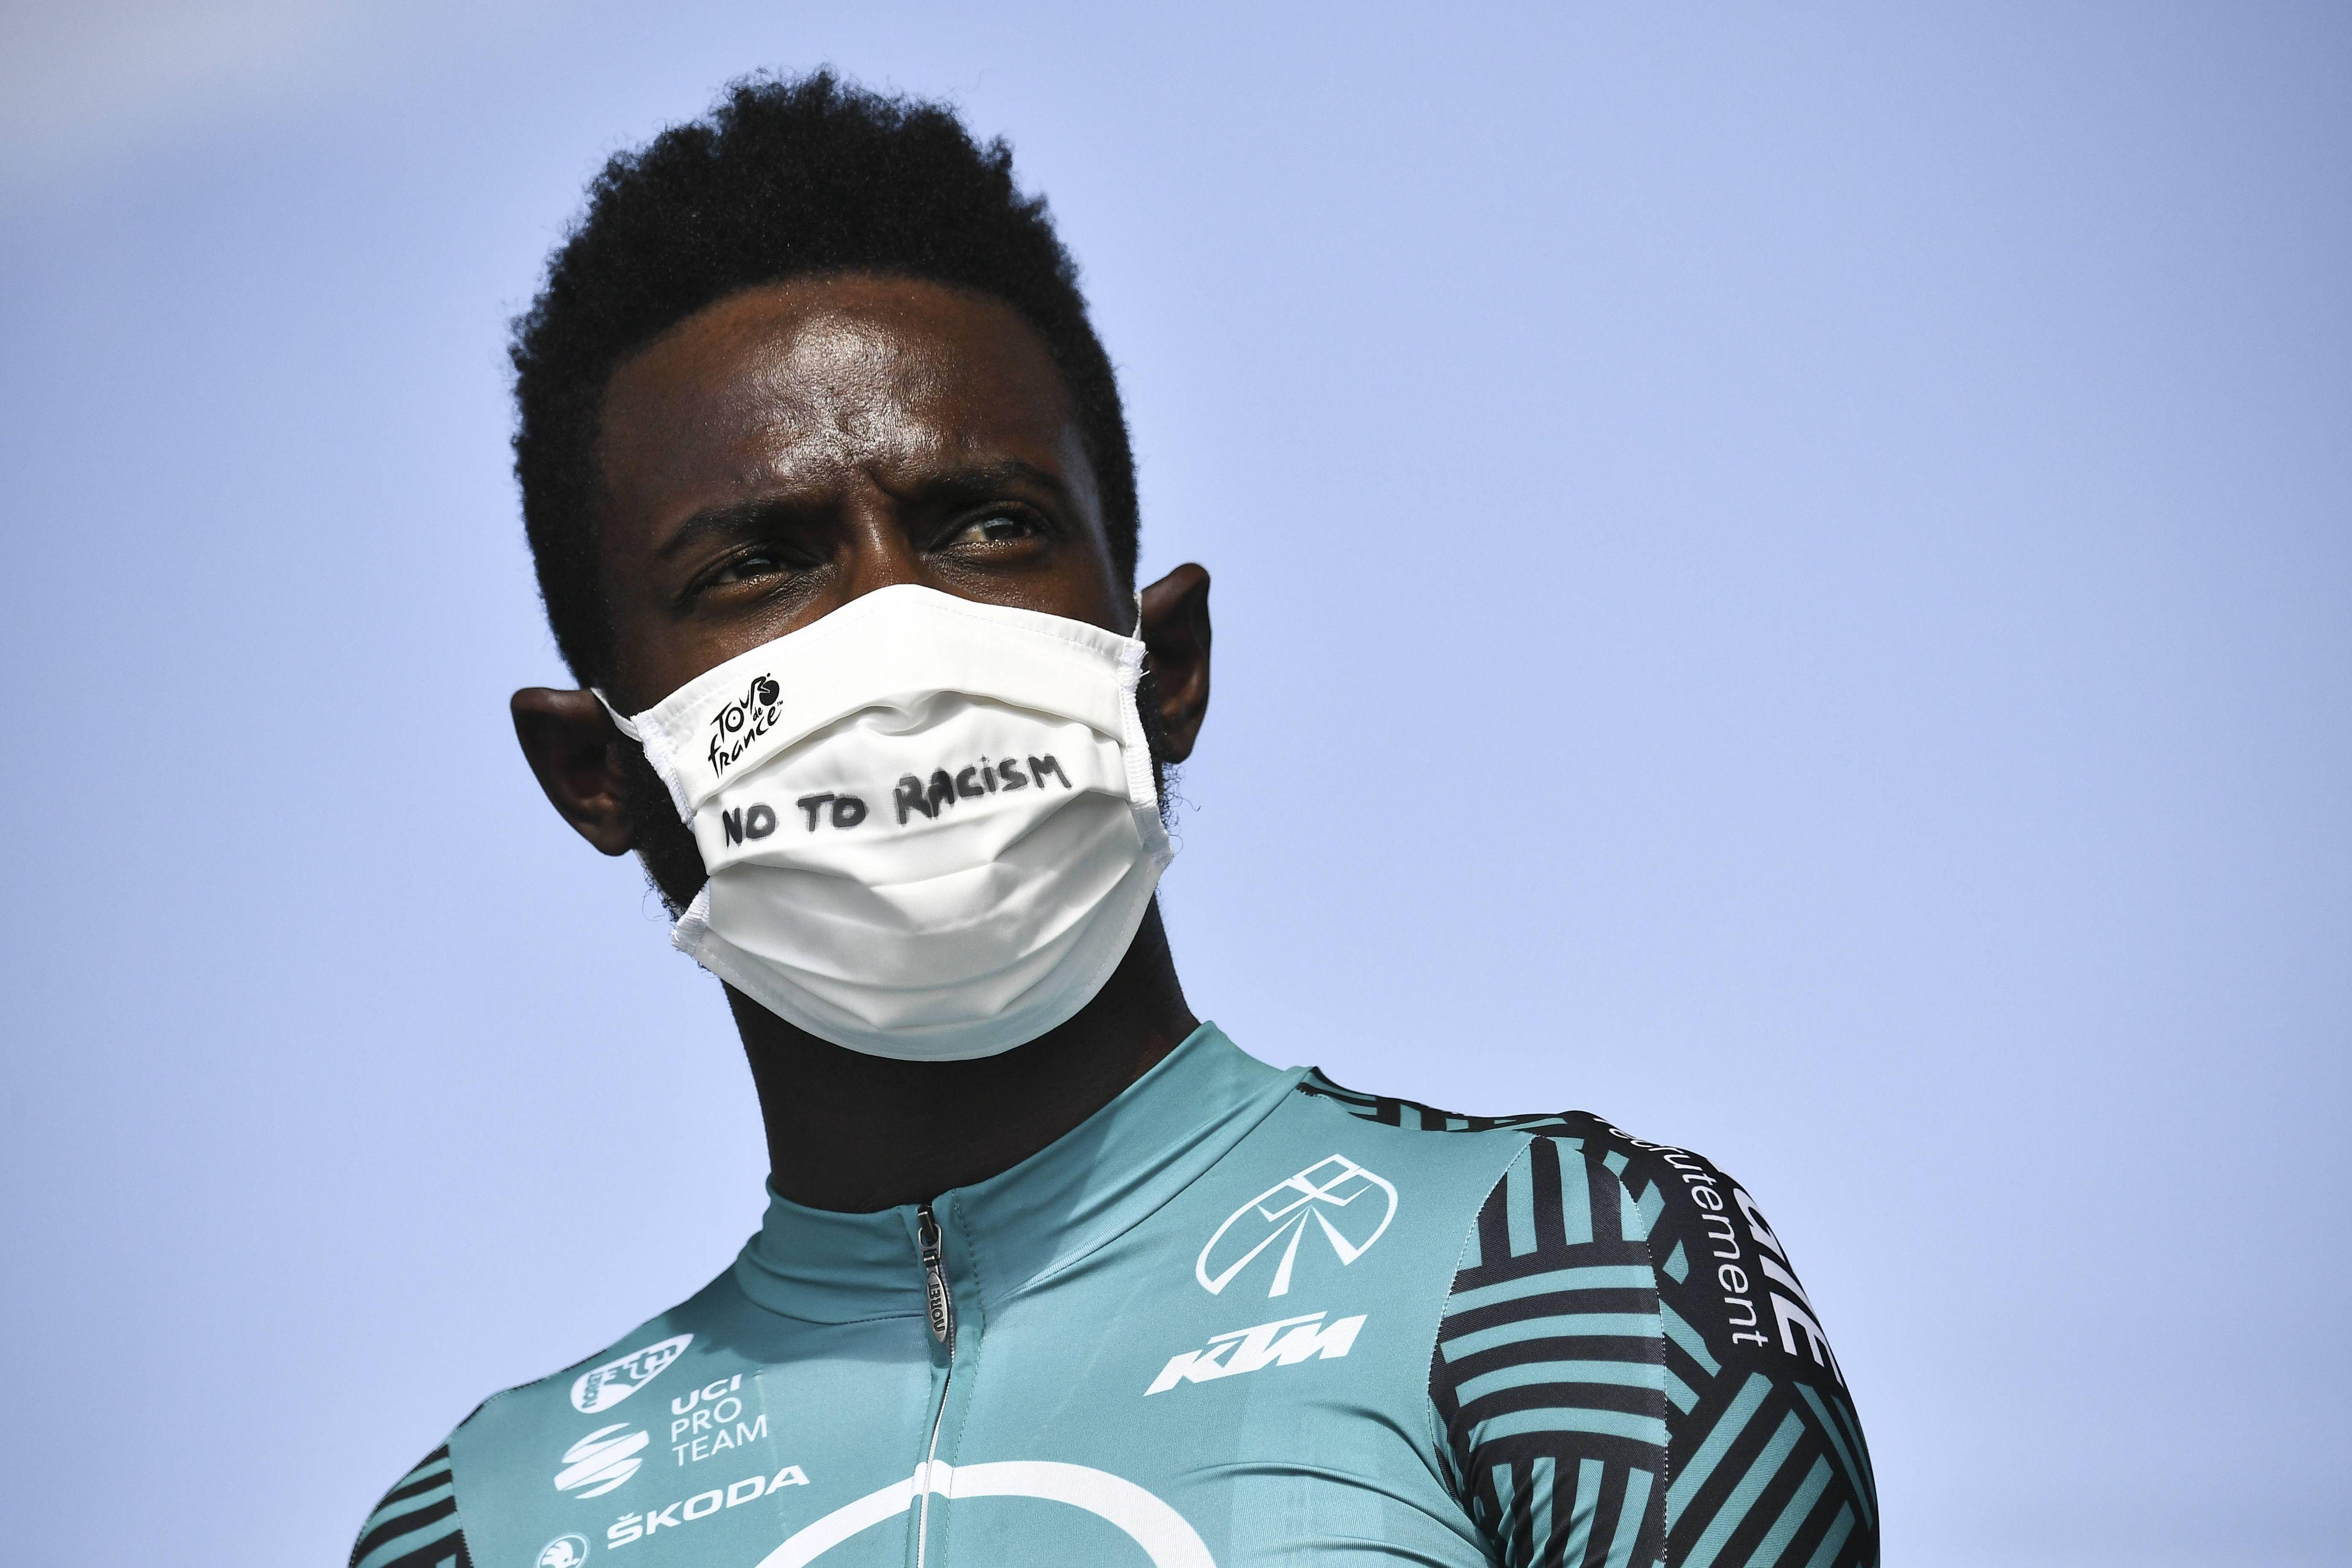 Kévin Réza le 20 septembre 2020, avant la dernière étape du Tour de France entre Mantes-la-Jolie et Paris.